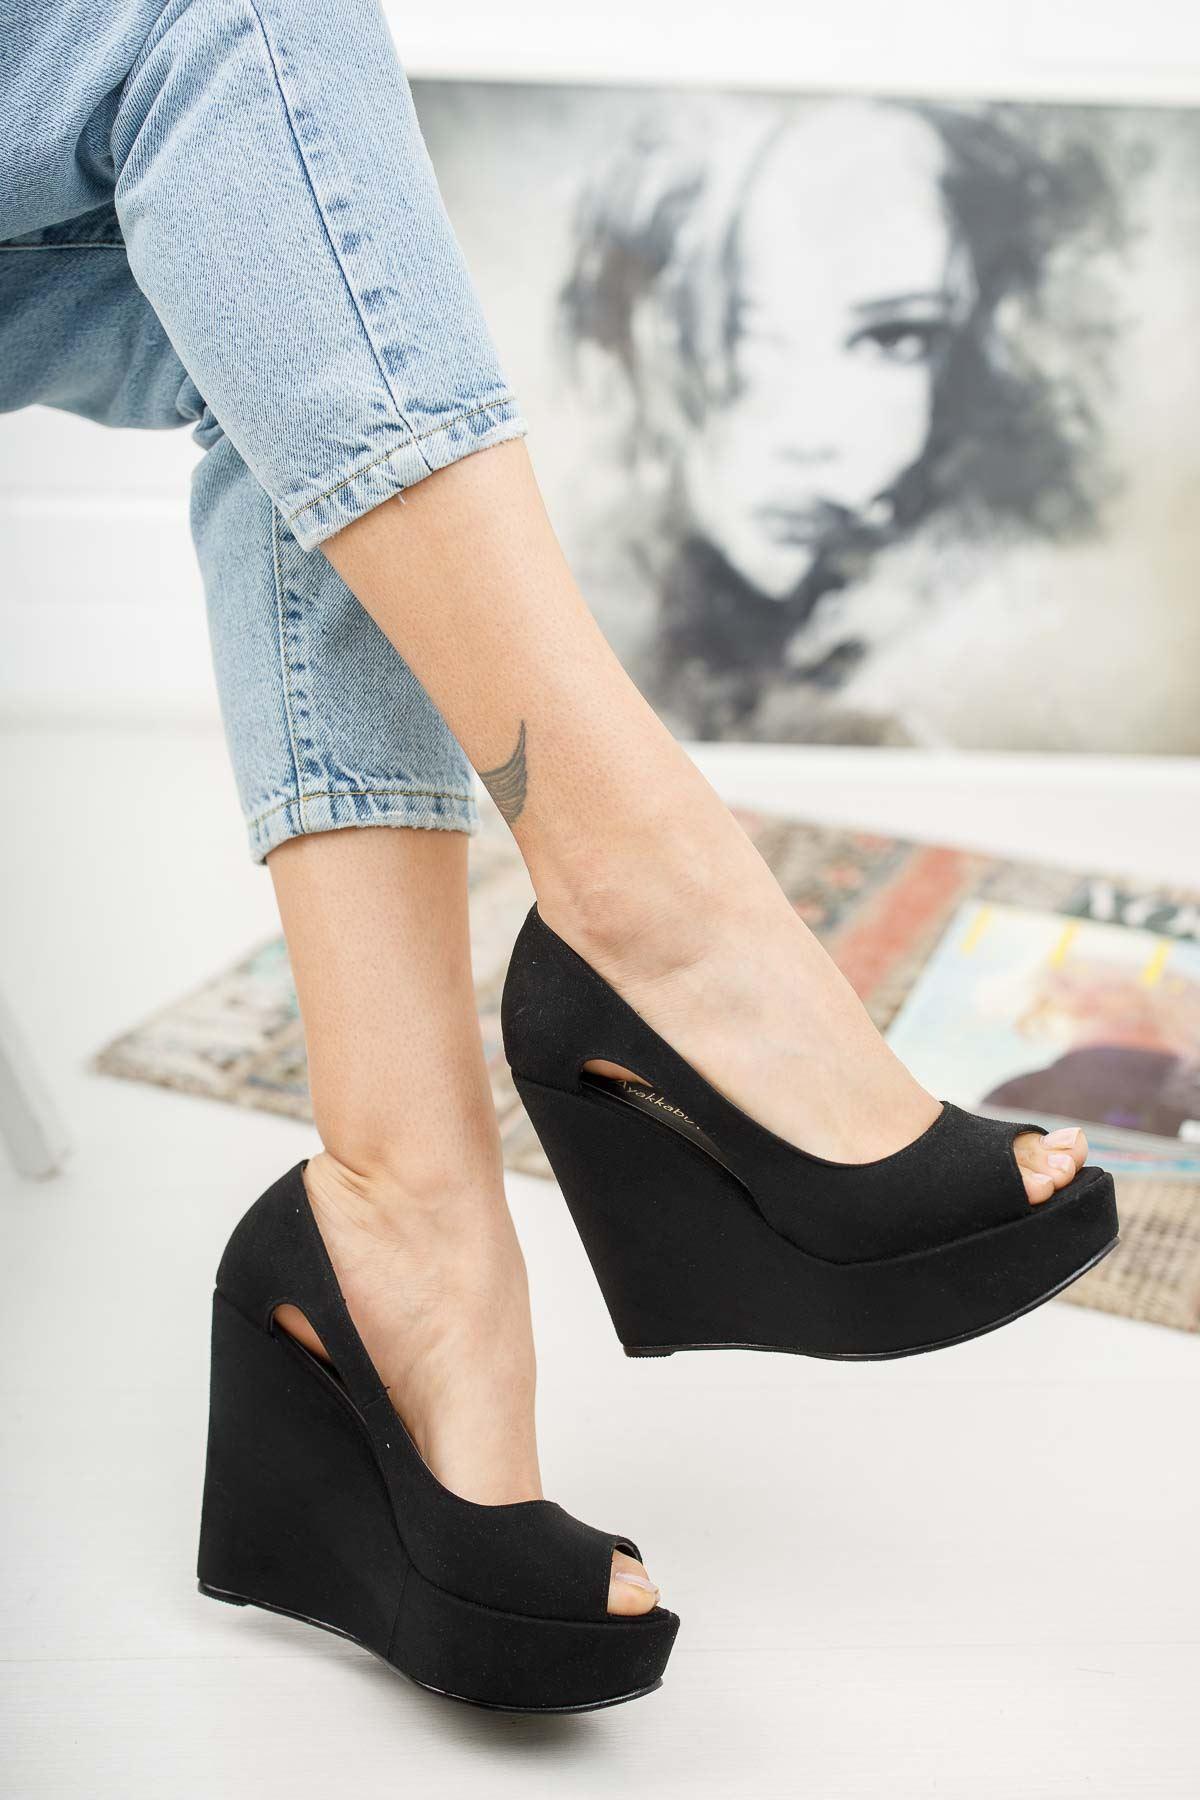 Cosef Siyah Süet Dolgu Topuklu Kadın Ayakkabı